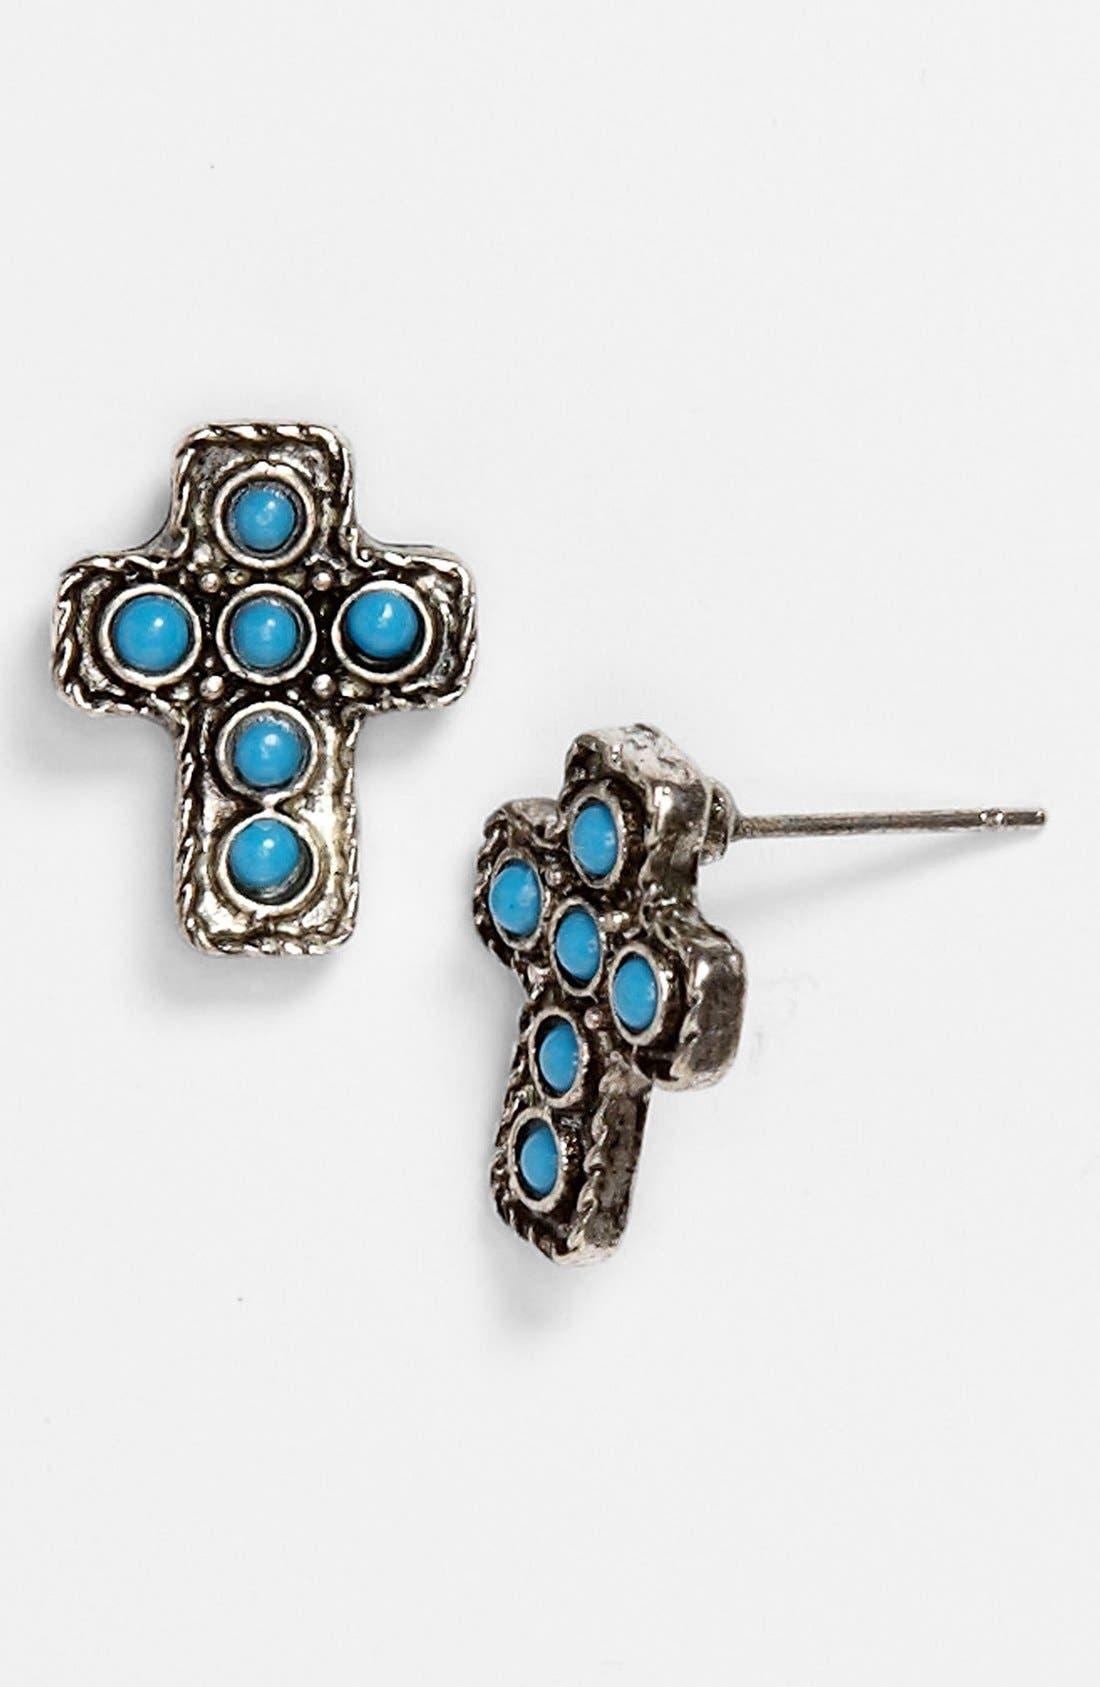 Main Image - South Sun Cross Stud Earrings